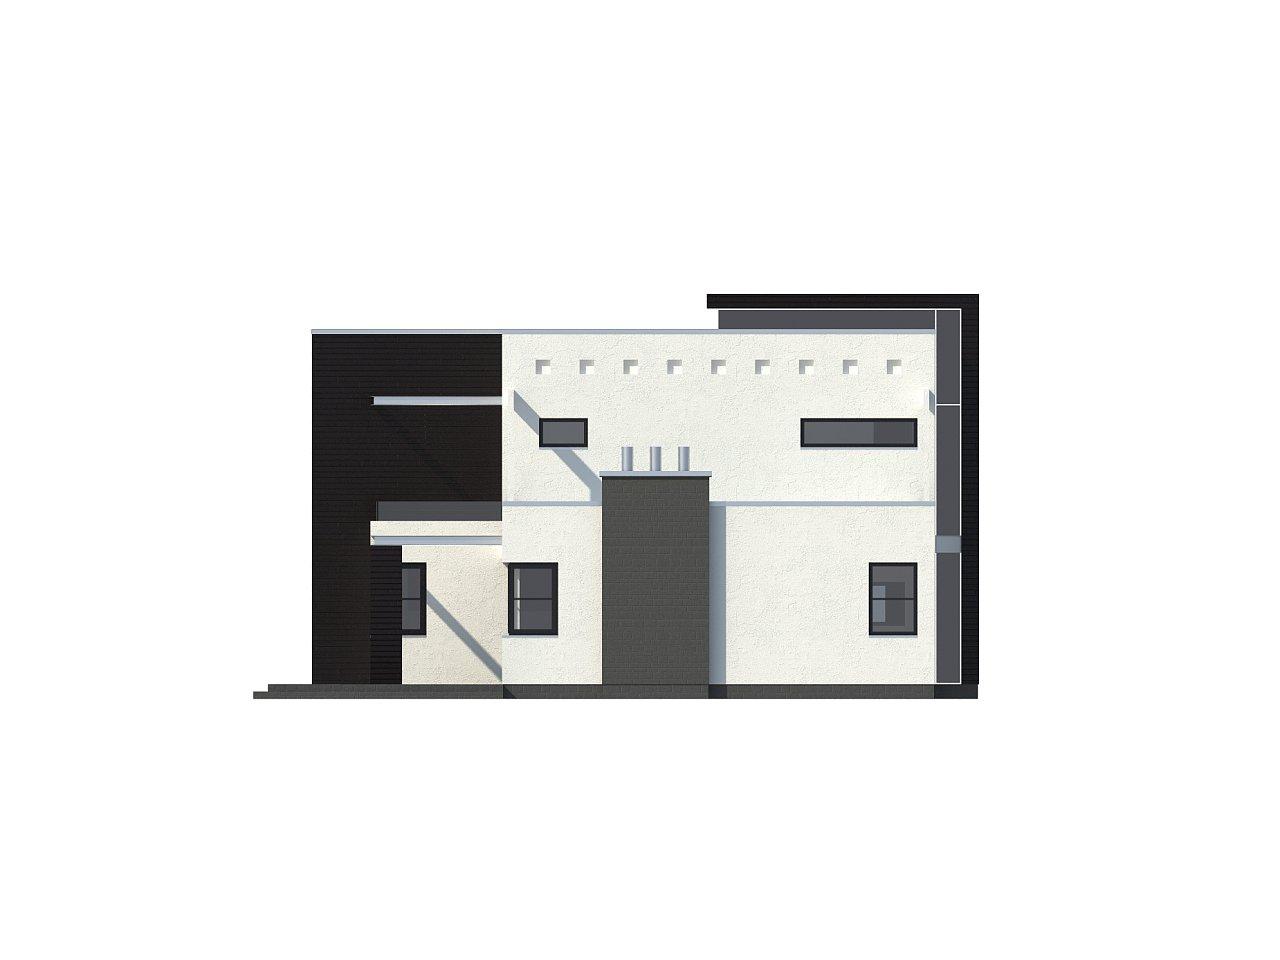 Современный дом кубической формы с террасой над гаражом. - фото 5